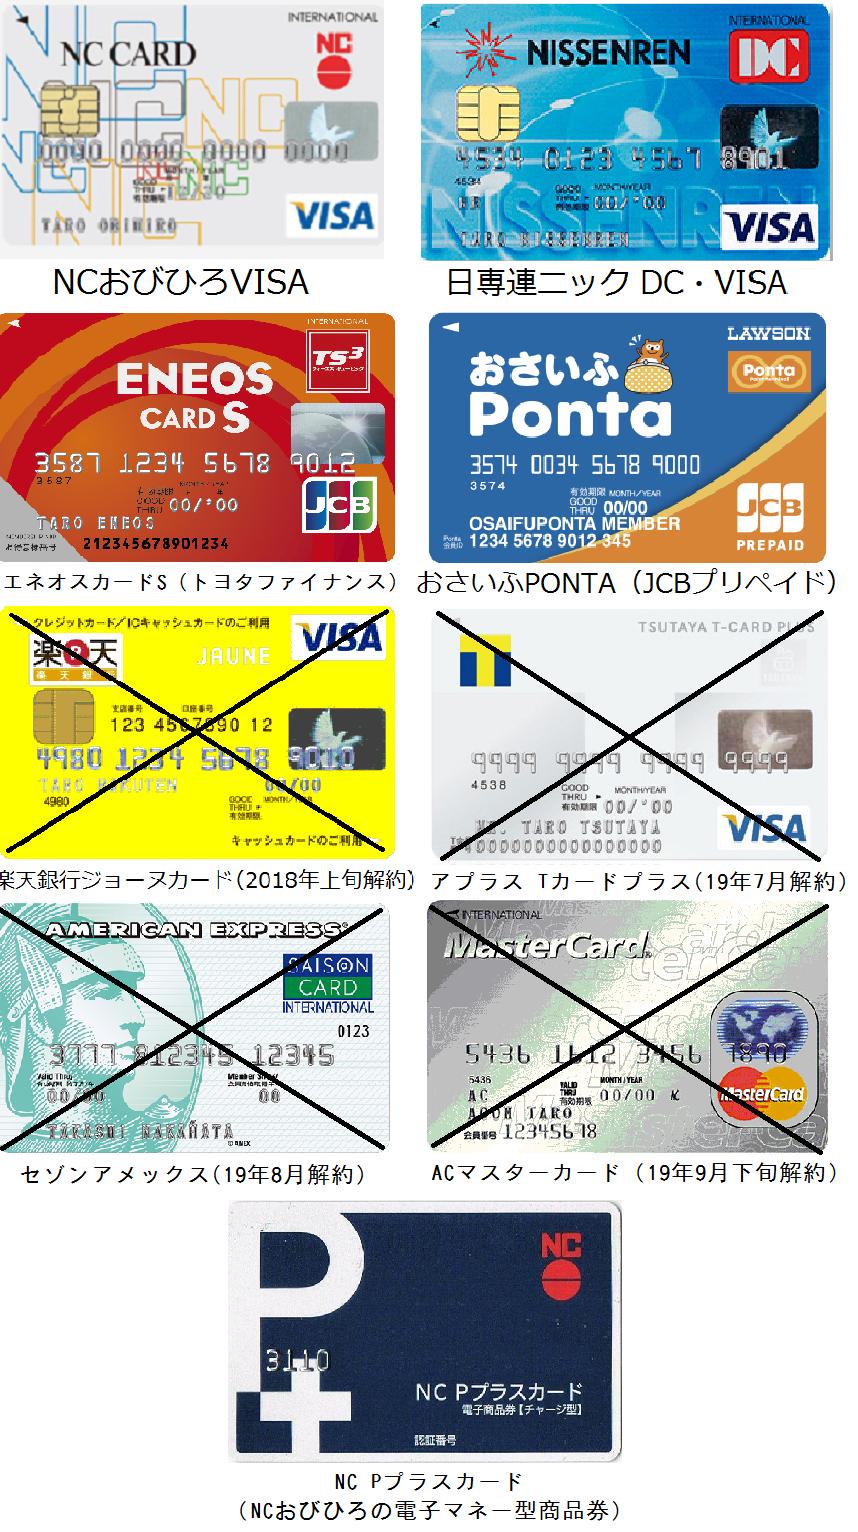 どらすけのクレジットカード明細日記 イエローハット(丸